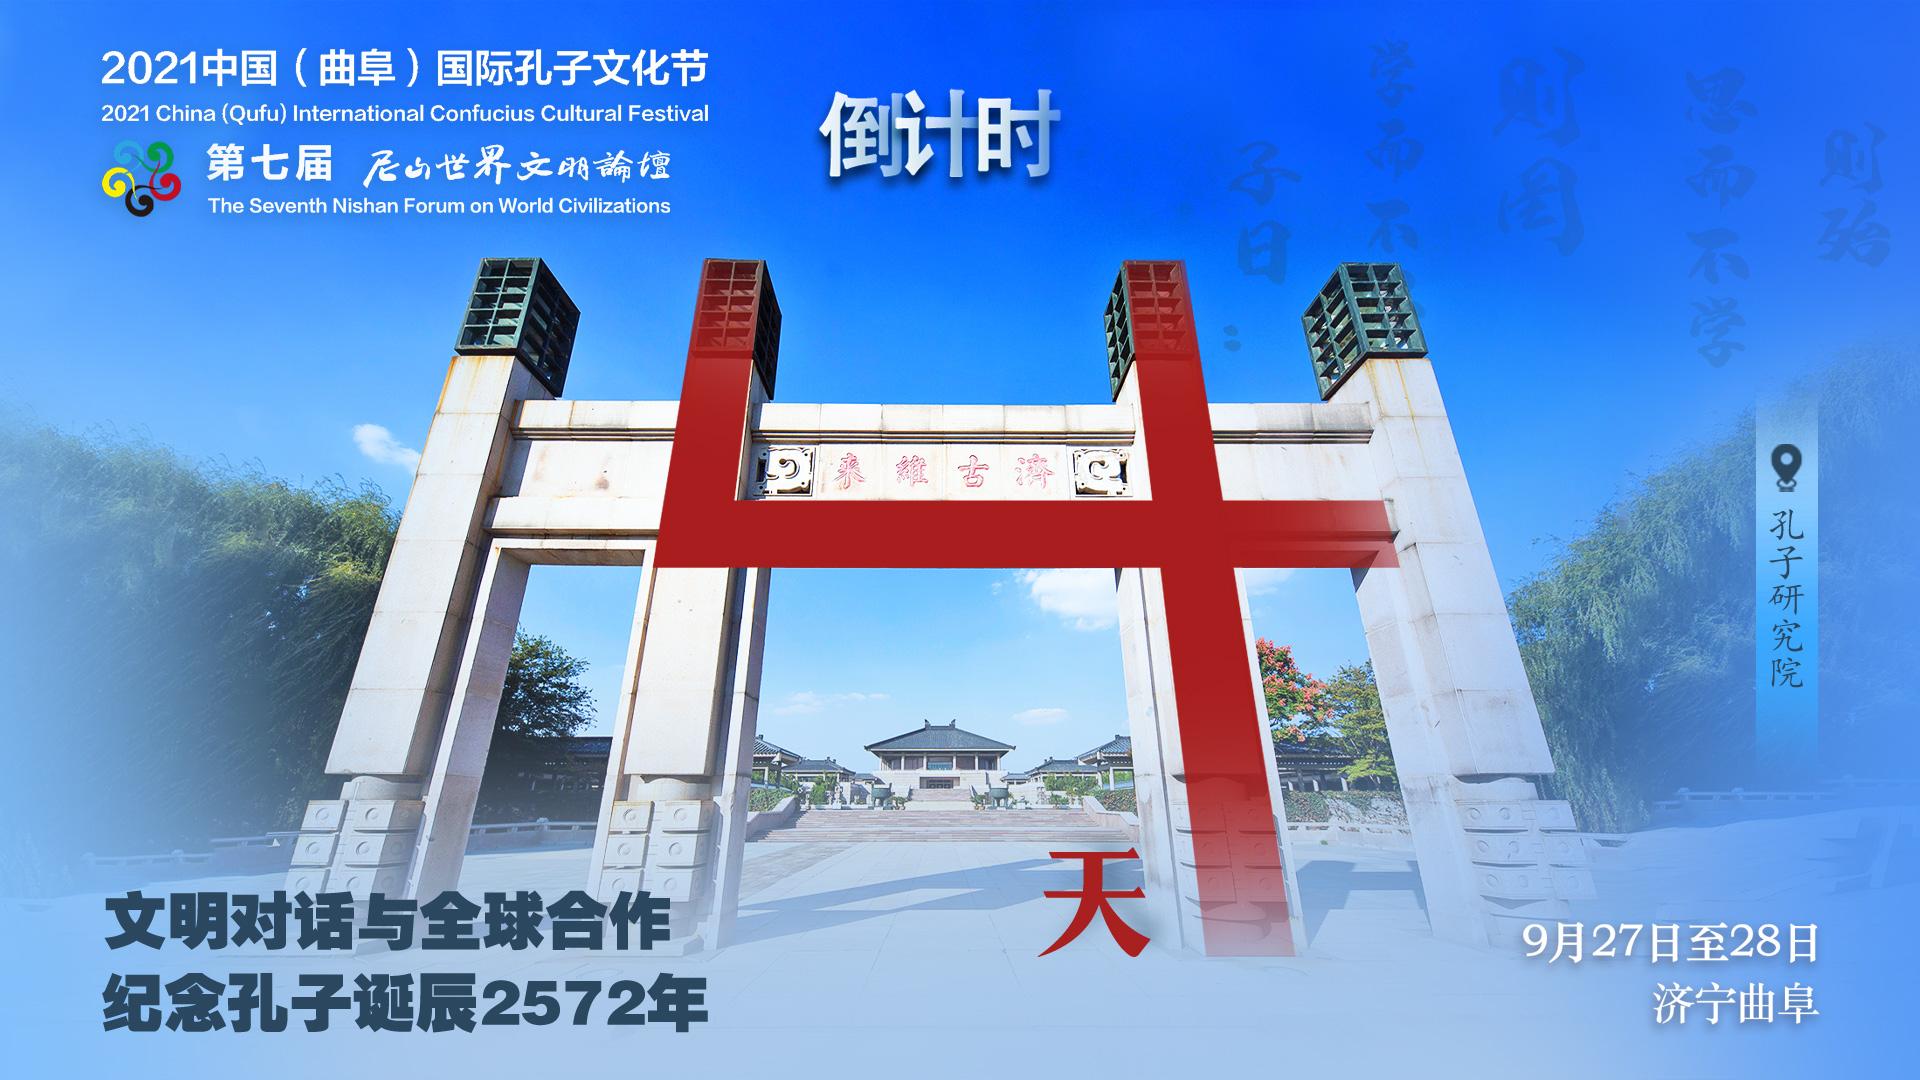 距离2021中国(曲阜)国际孔子文化节、第七届尼山世界文明论坛开幕还有4天!